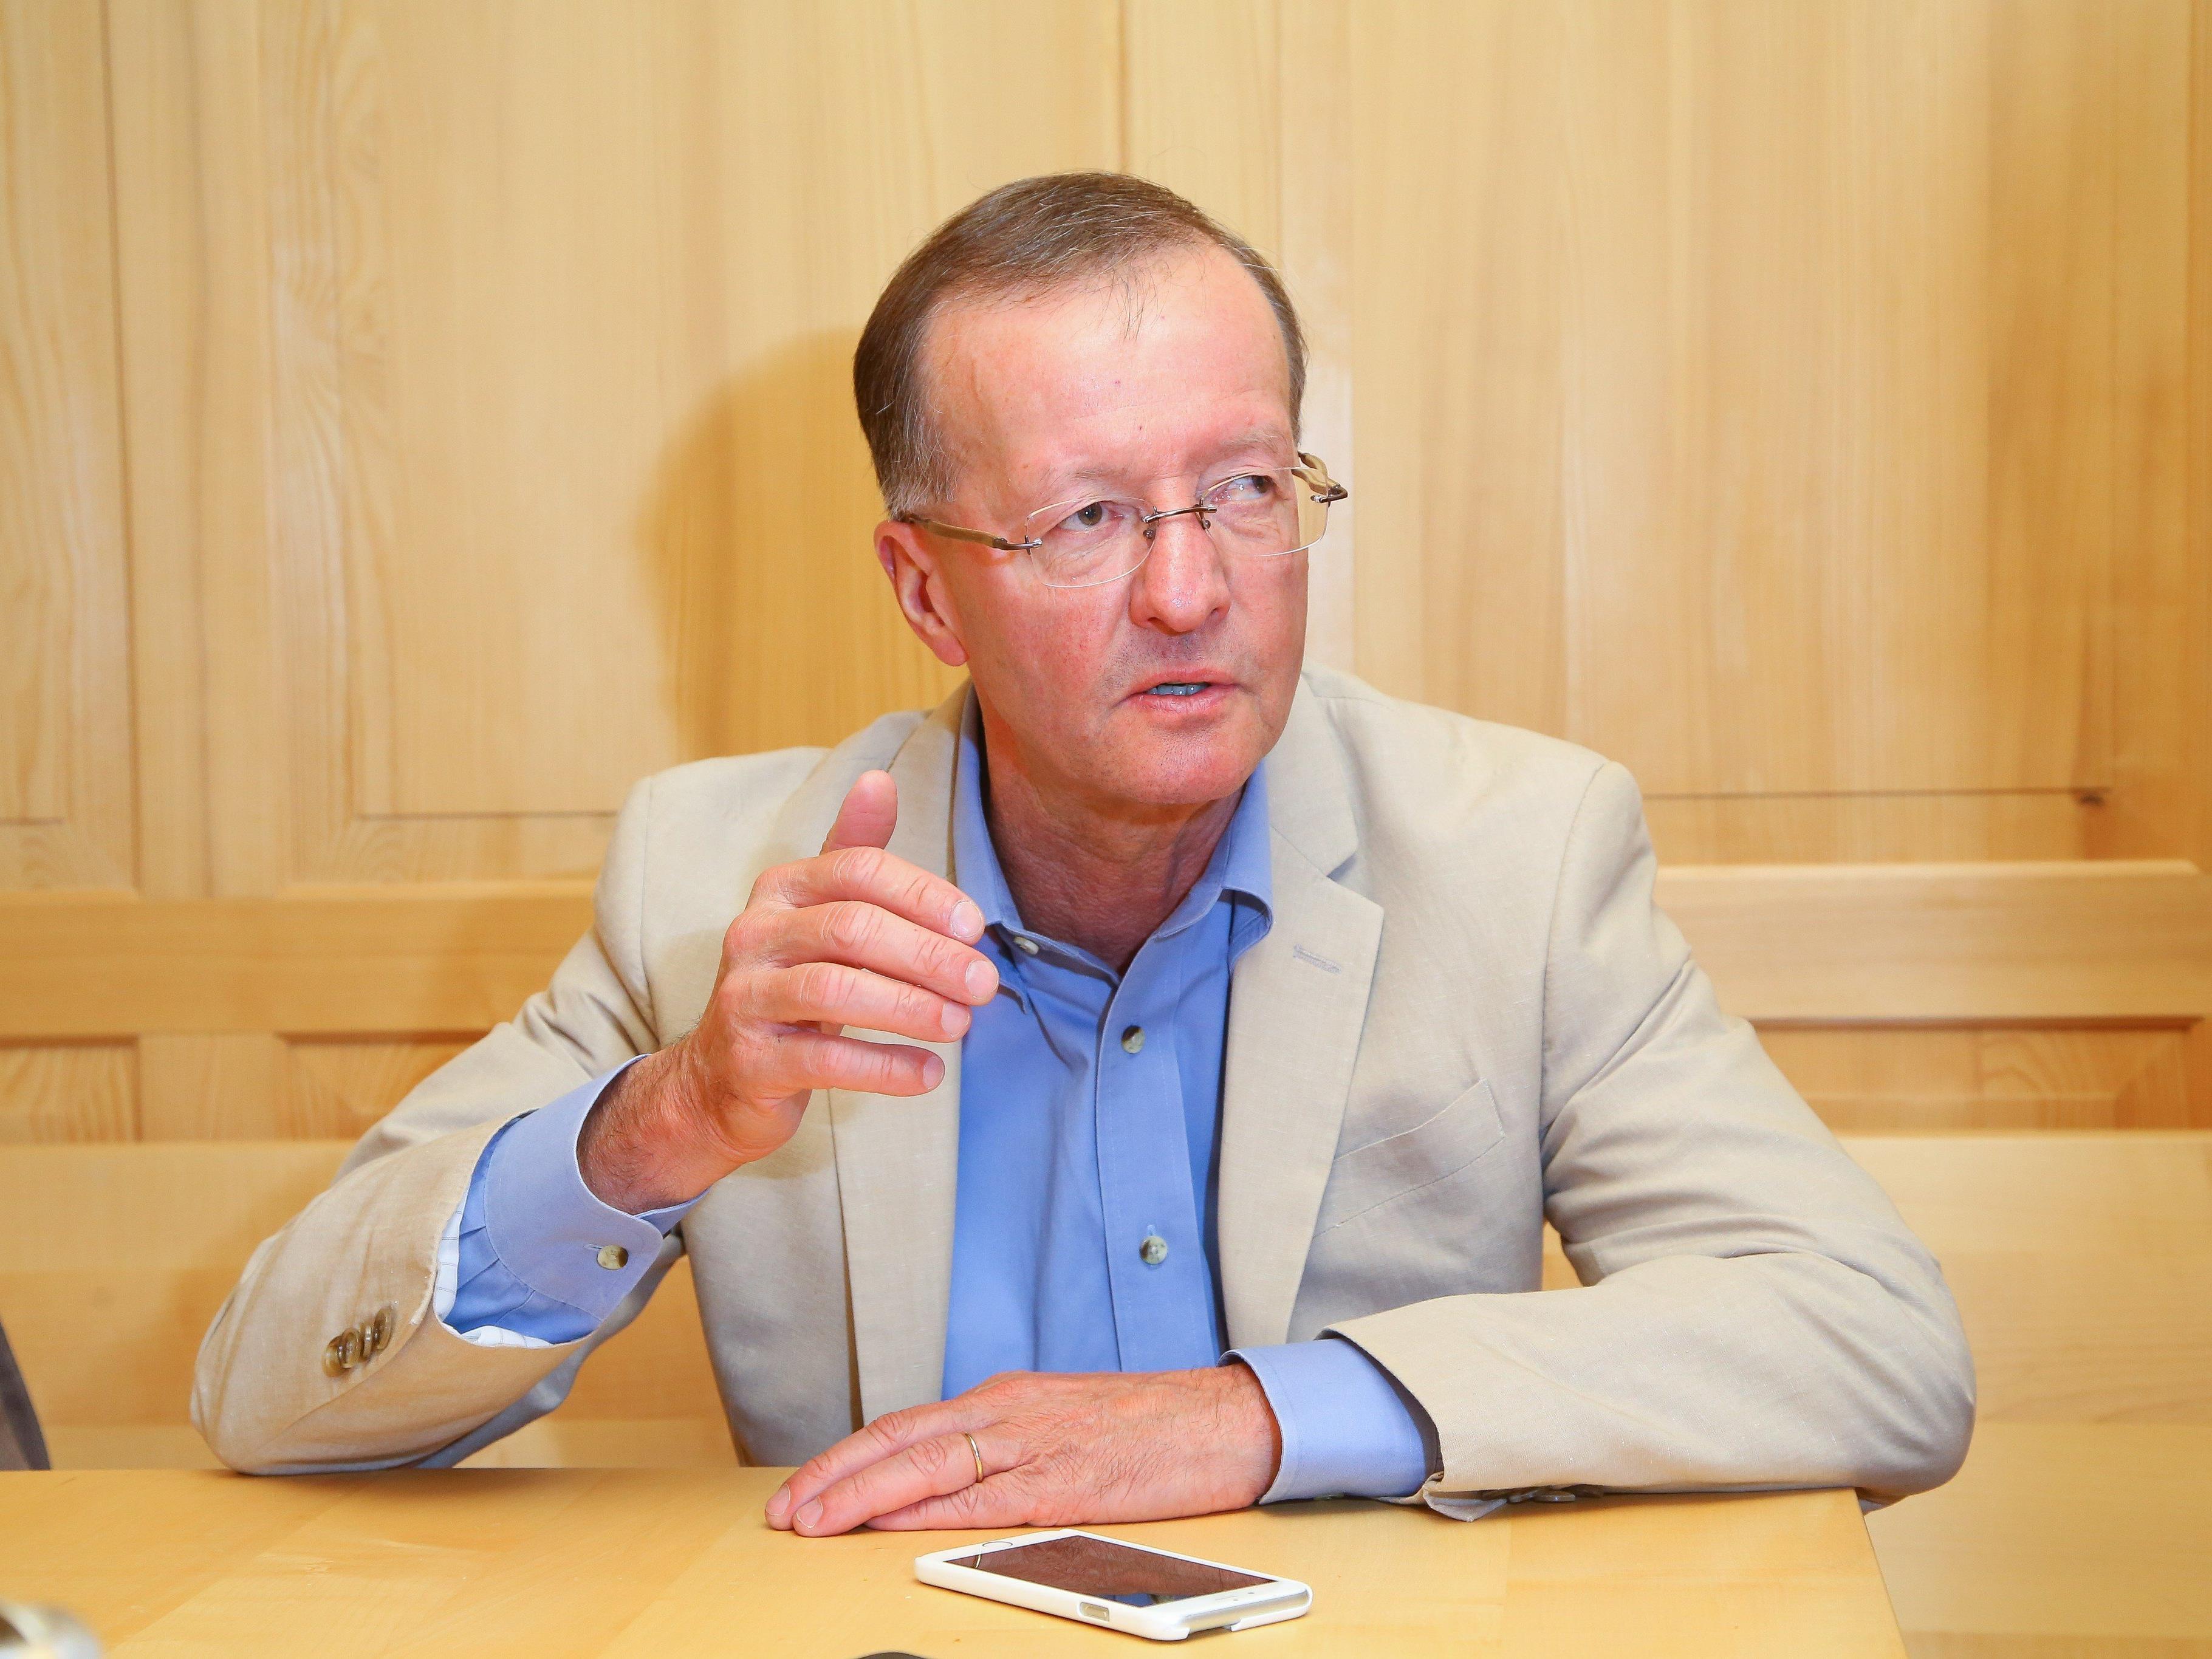 Der Vorarlberger Biochemiker Norbert Bischofberger hat ein Medikament zur Aidsvorsorge entwickelt.